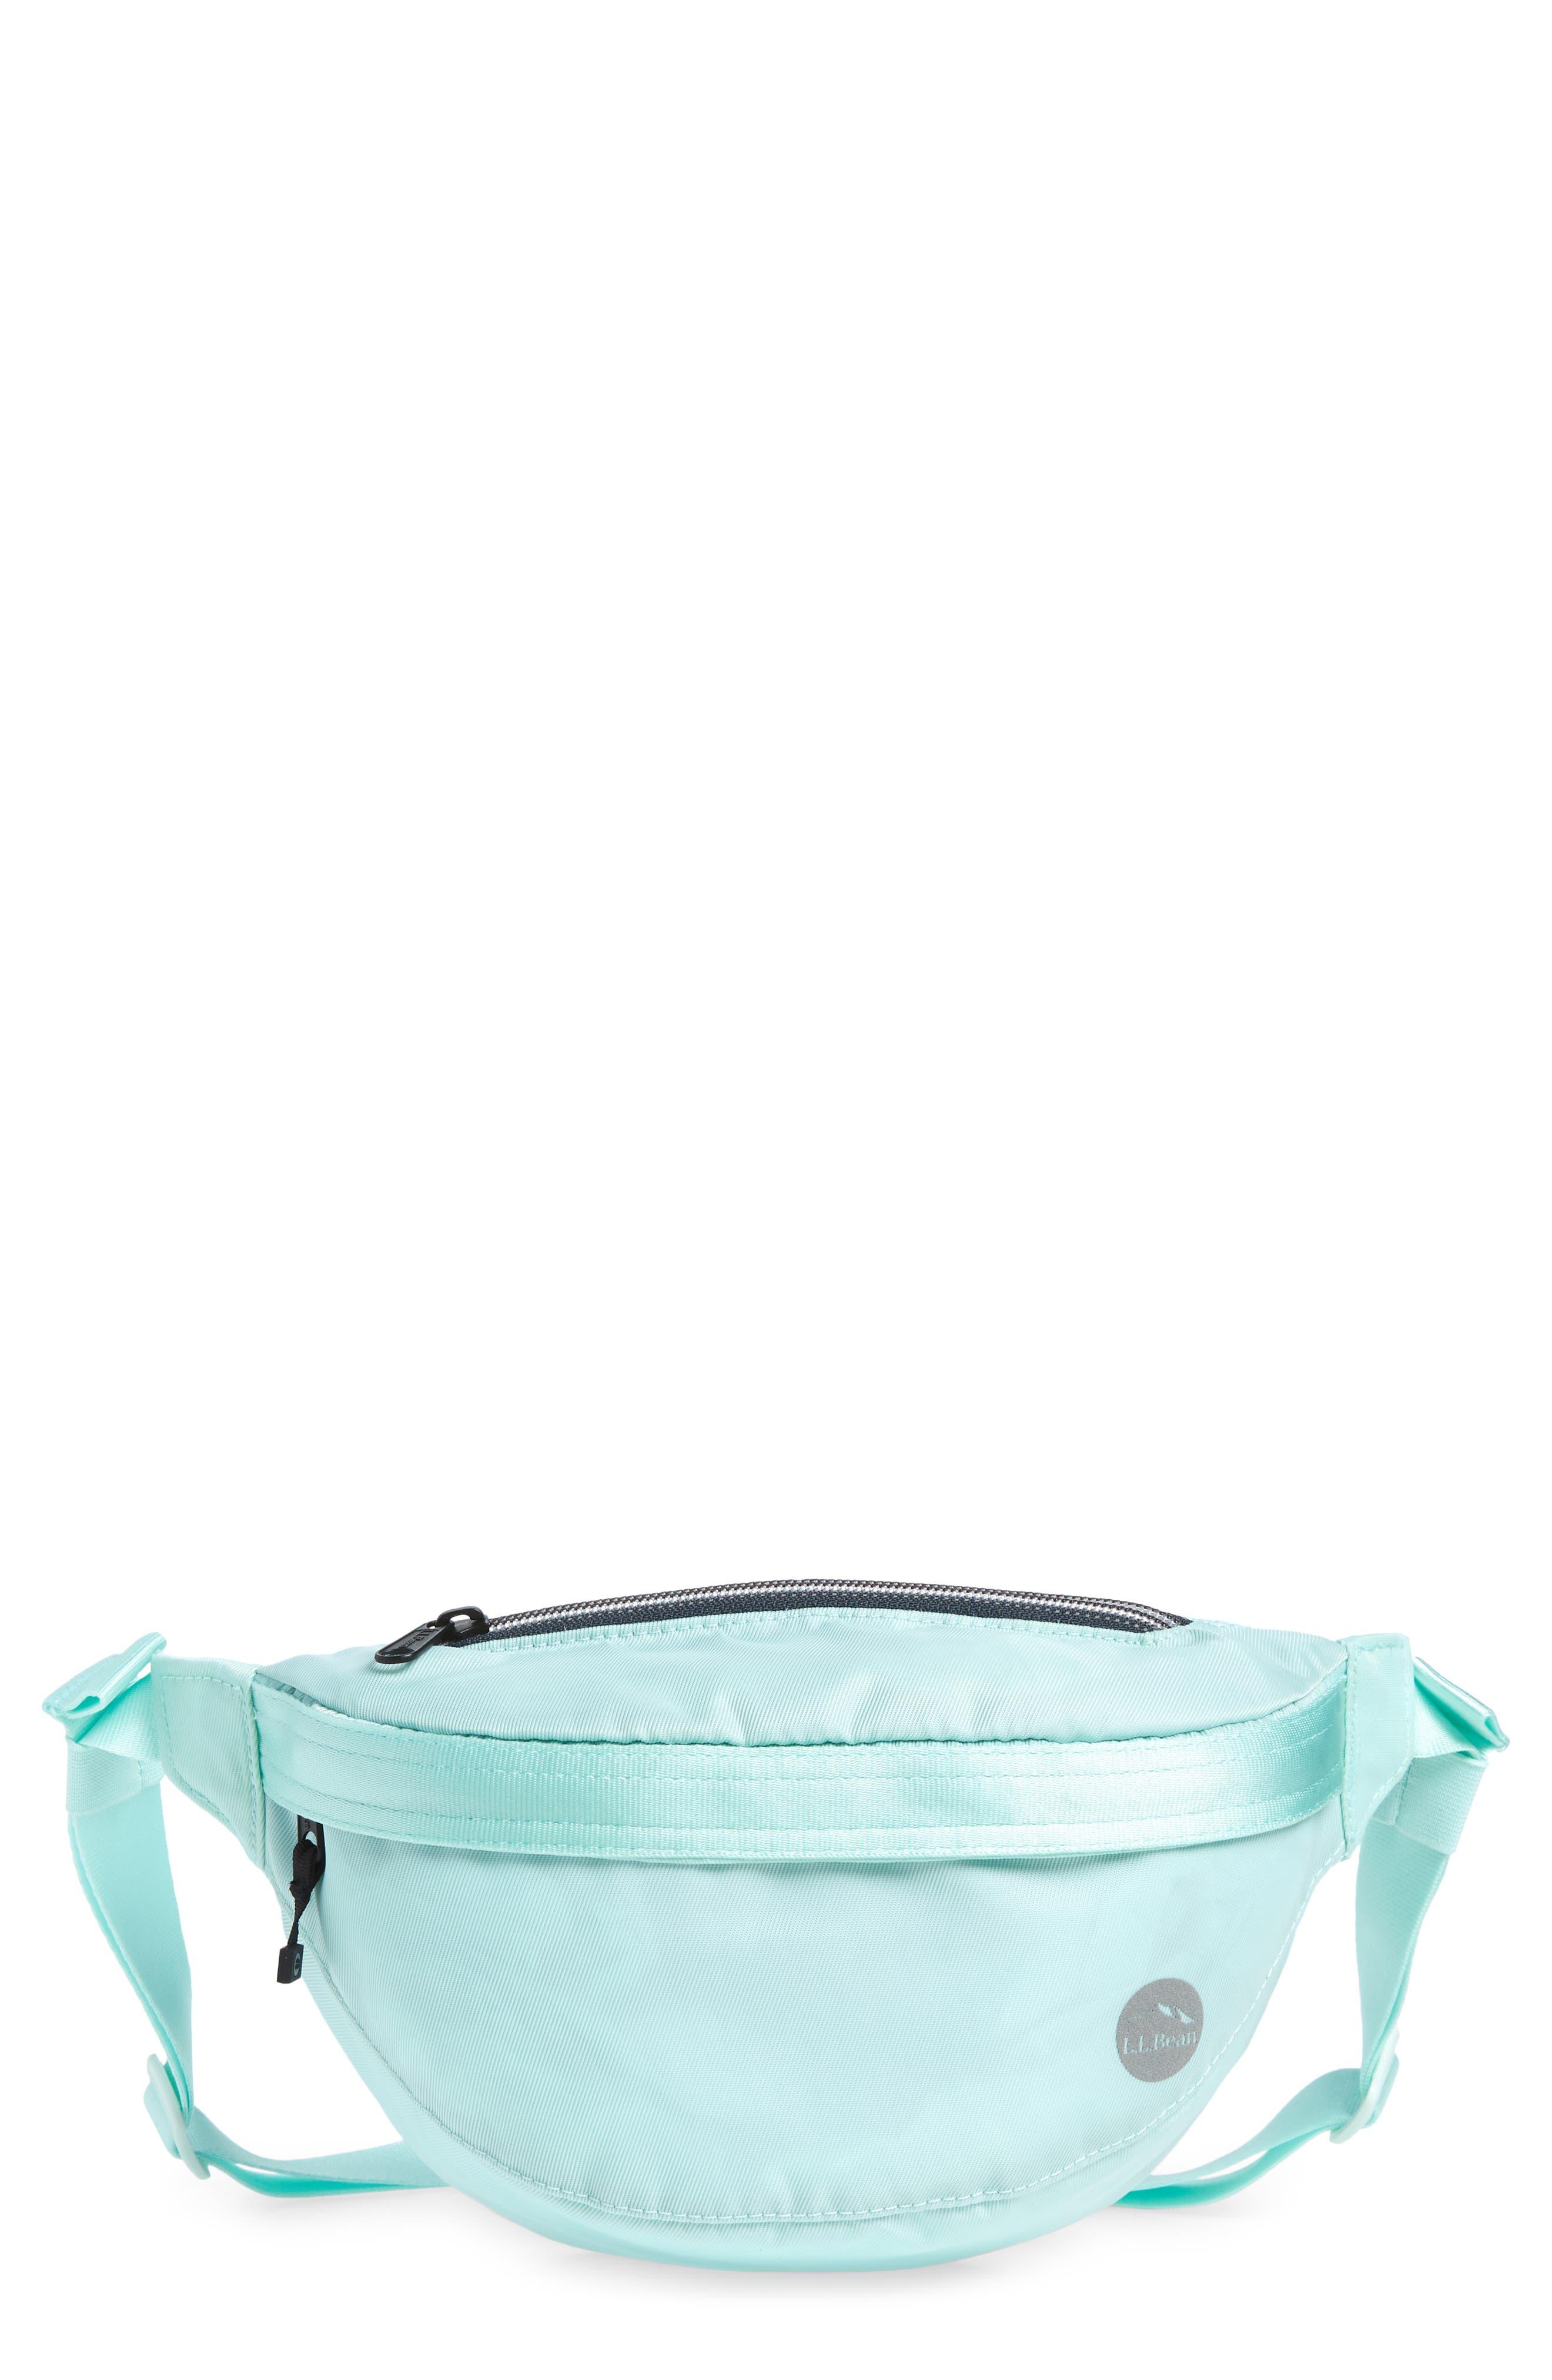 Boundless Belt Bag